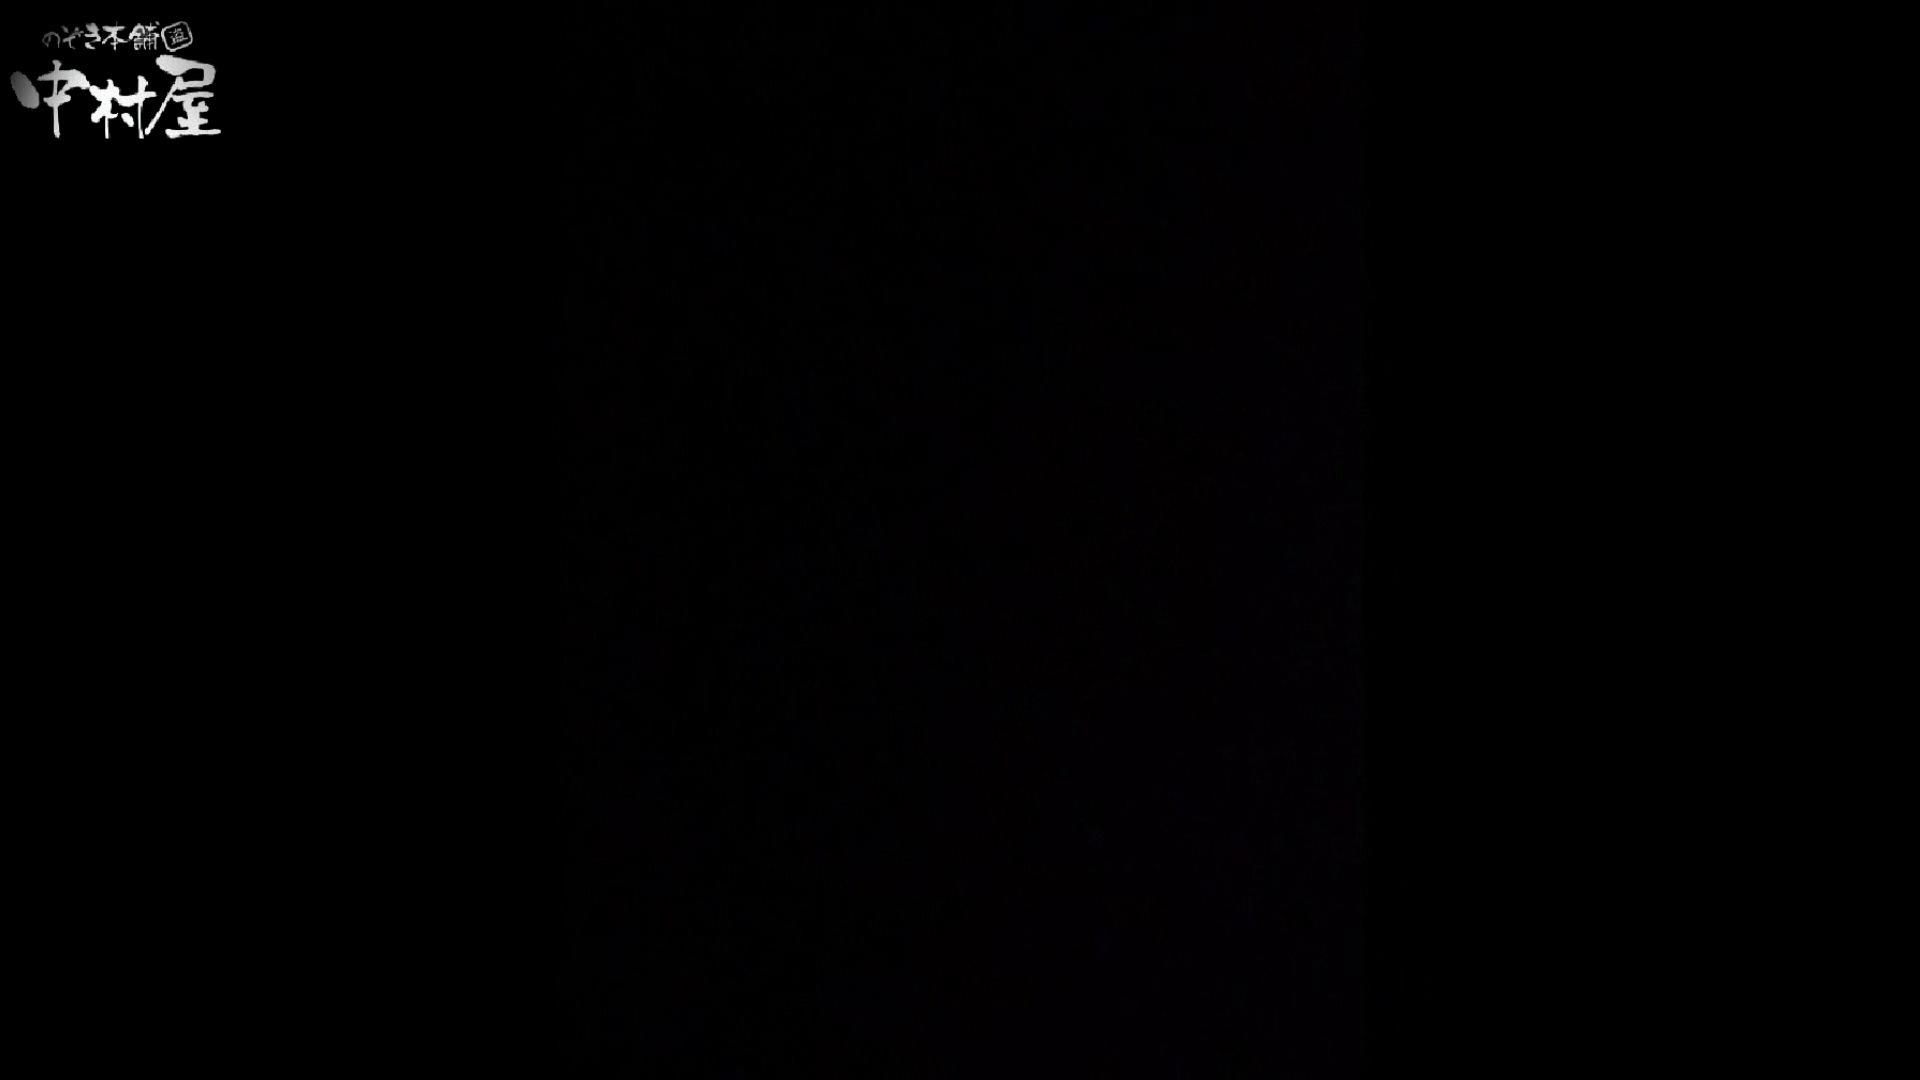 民家風呂専門盗撮師の超危険映像 vol.006 美女 エロ無料画像 109連発 22